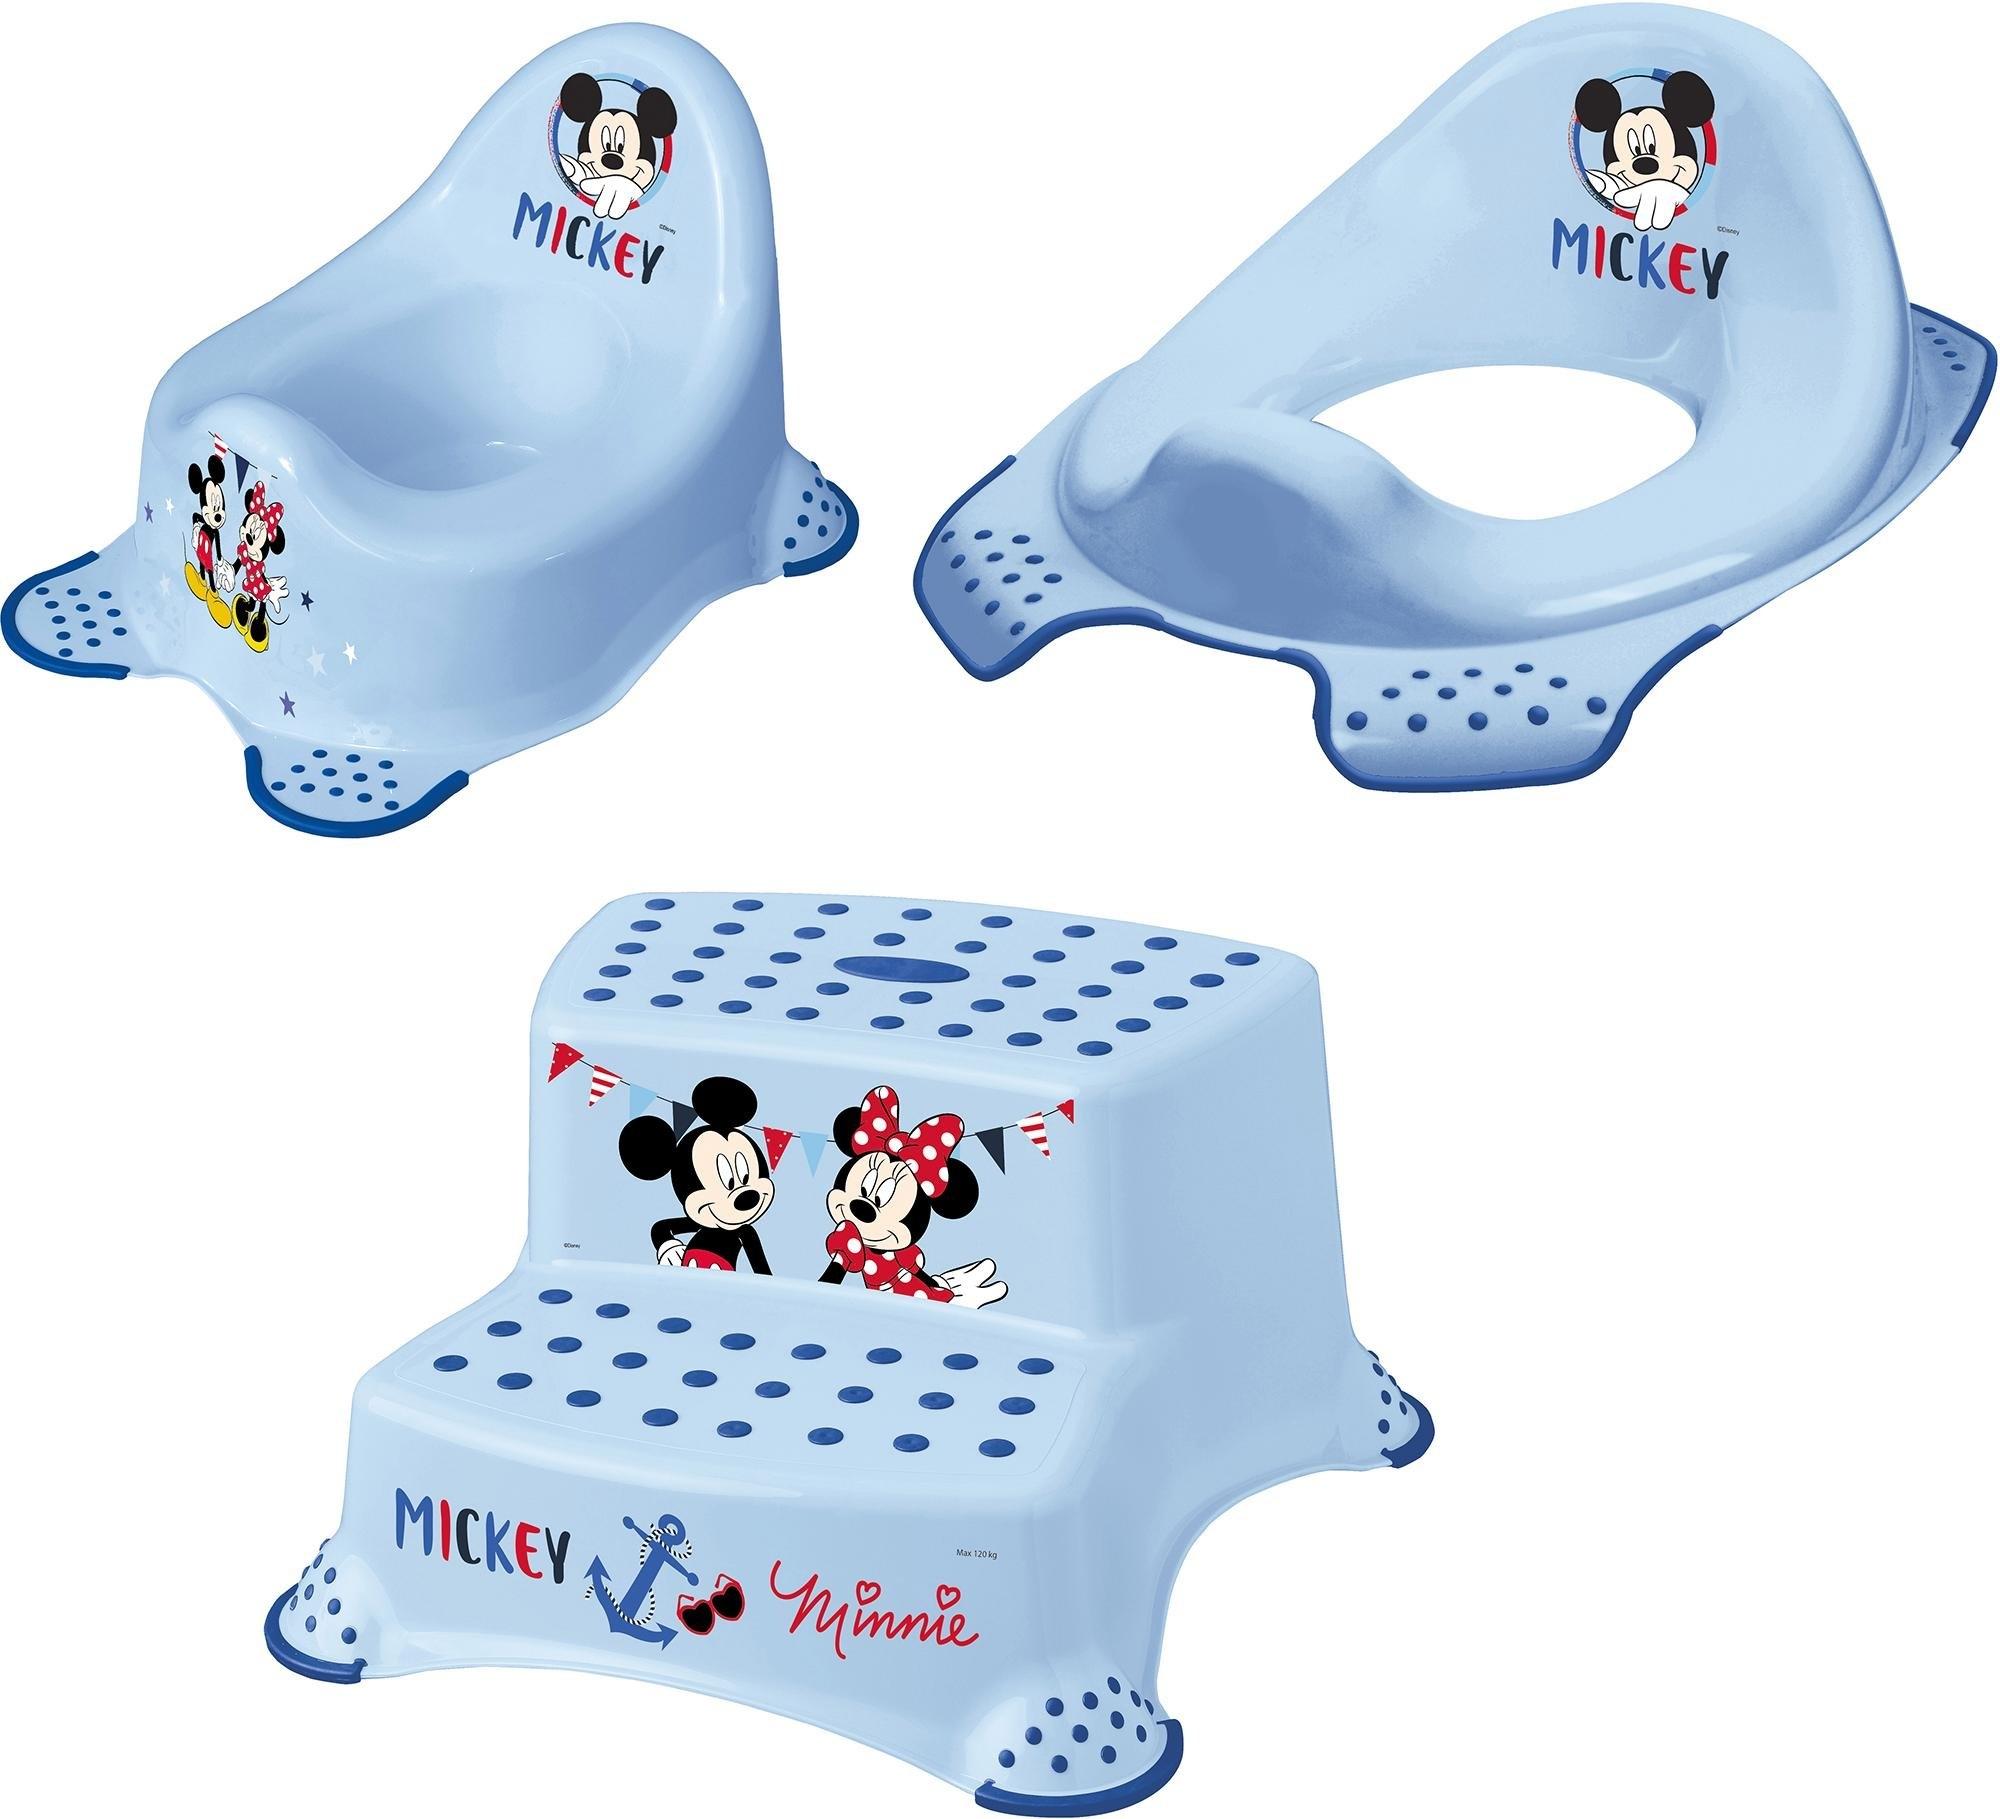 Keeeper 3-delige verzorgingsset voor kinderen - potje, toiletzitting en trapkrukje, »Mickey Mouse« bij OTTO online kopen